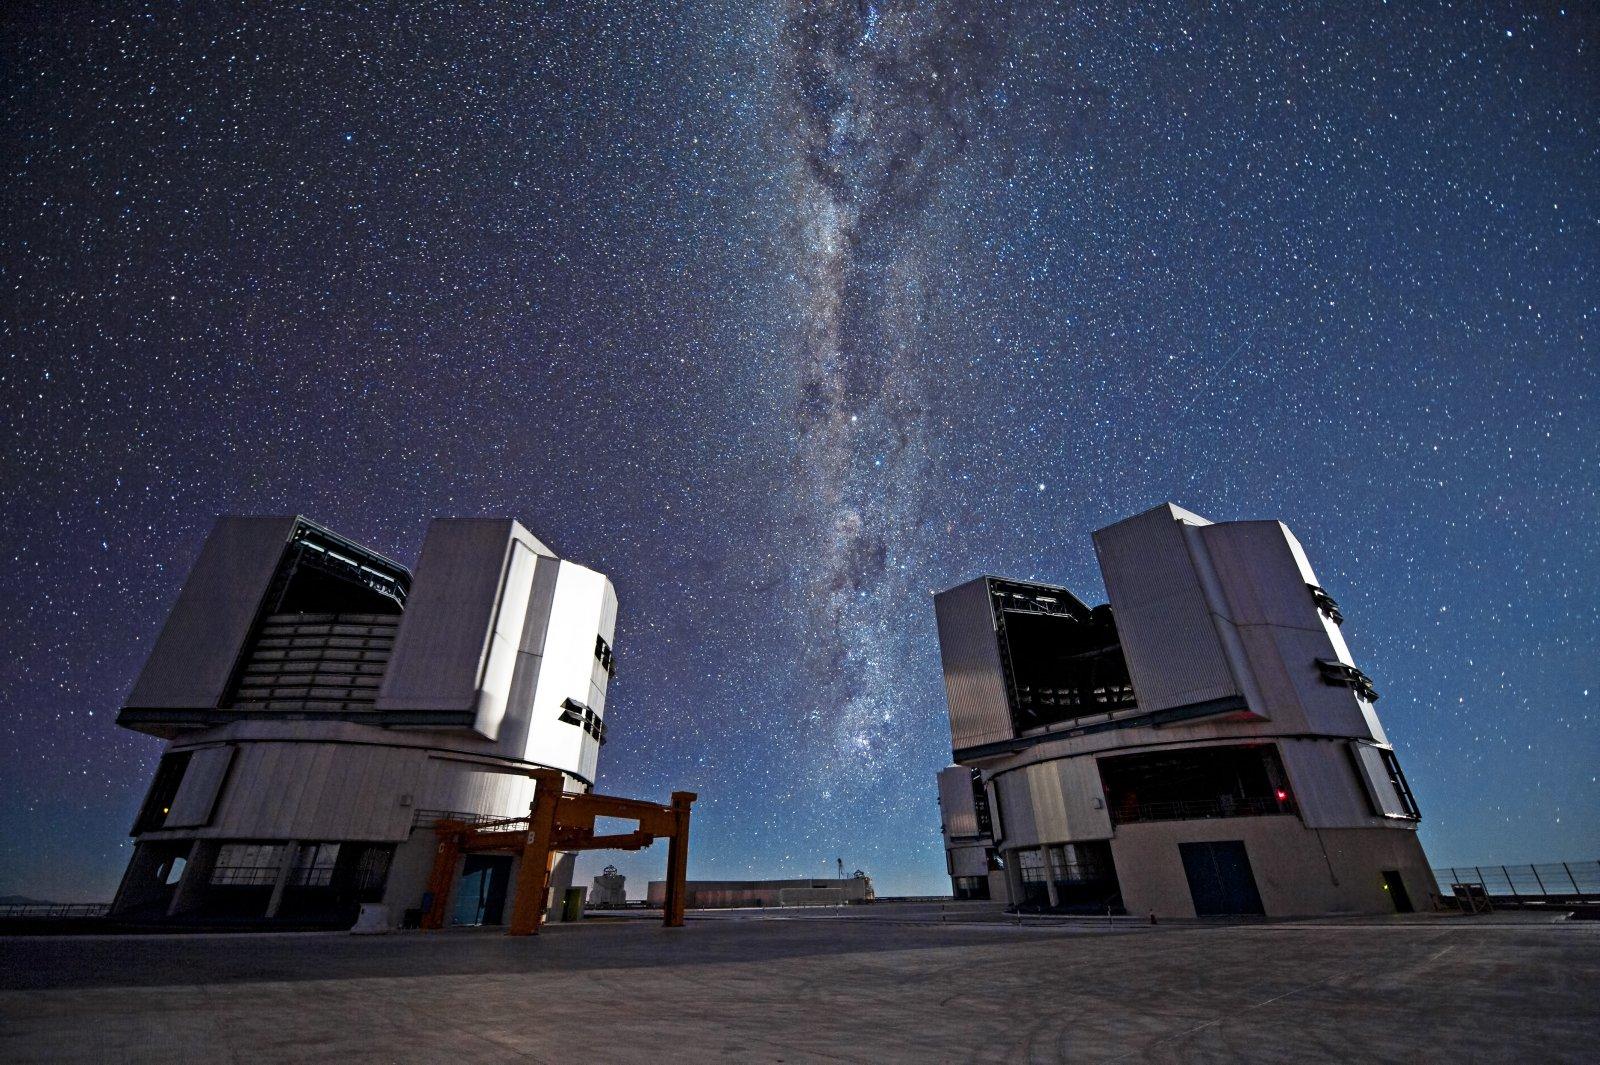 El Telescopi Molt Gran (VLT) de l'Observatori Austral Europeu al desert d'Atacama, a Xile